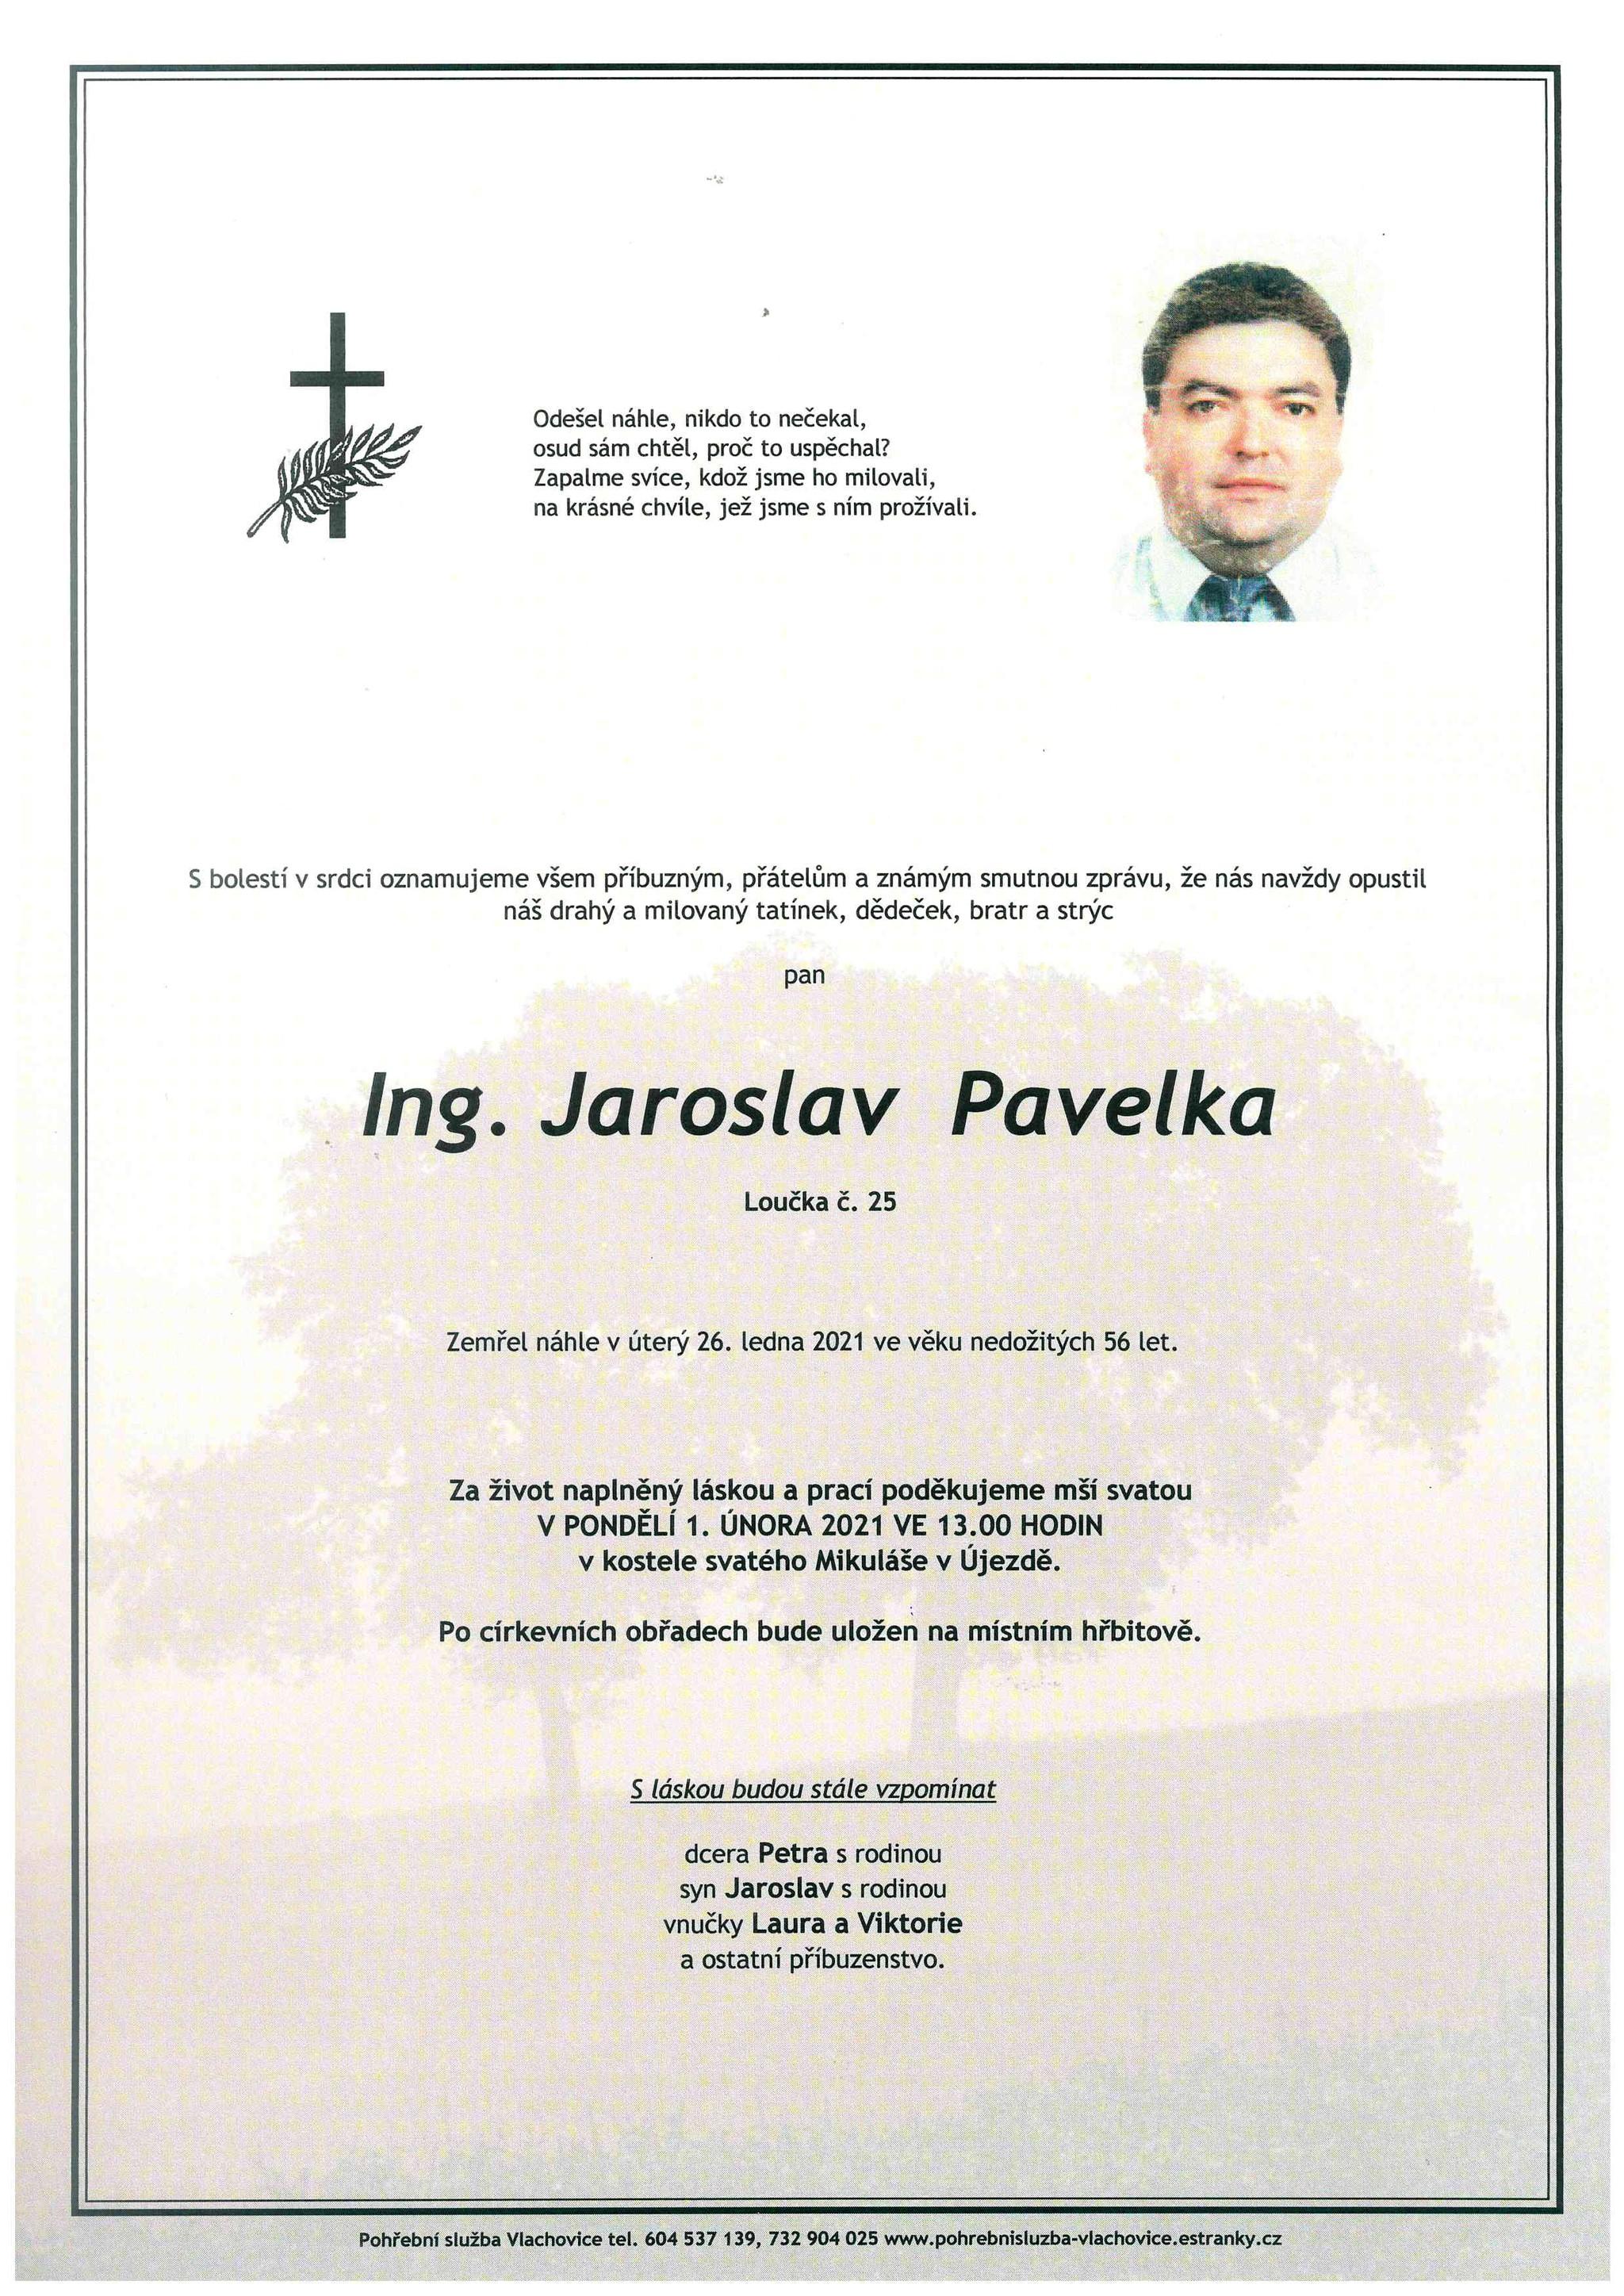 Ing. Jaroslav Pavelka